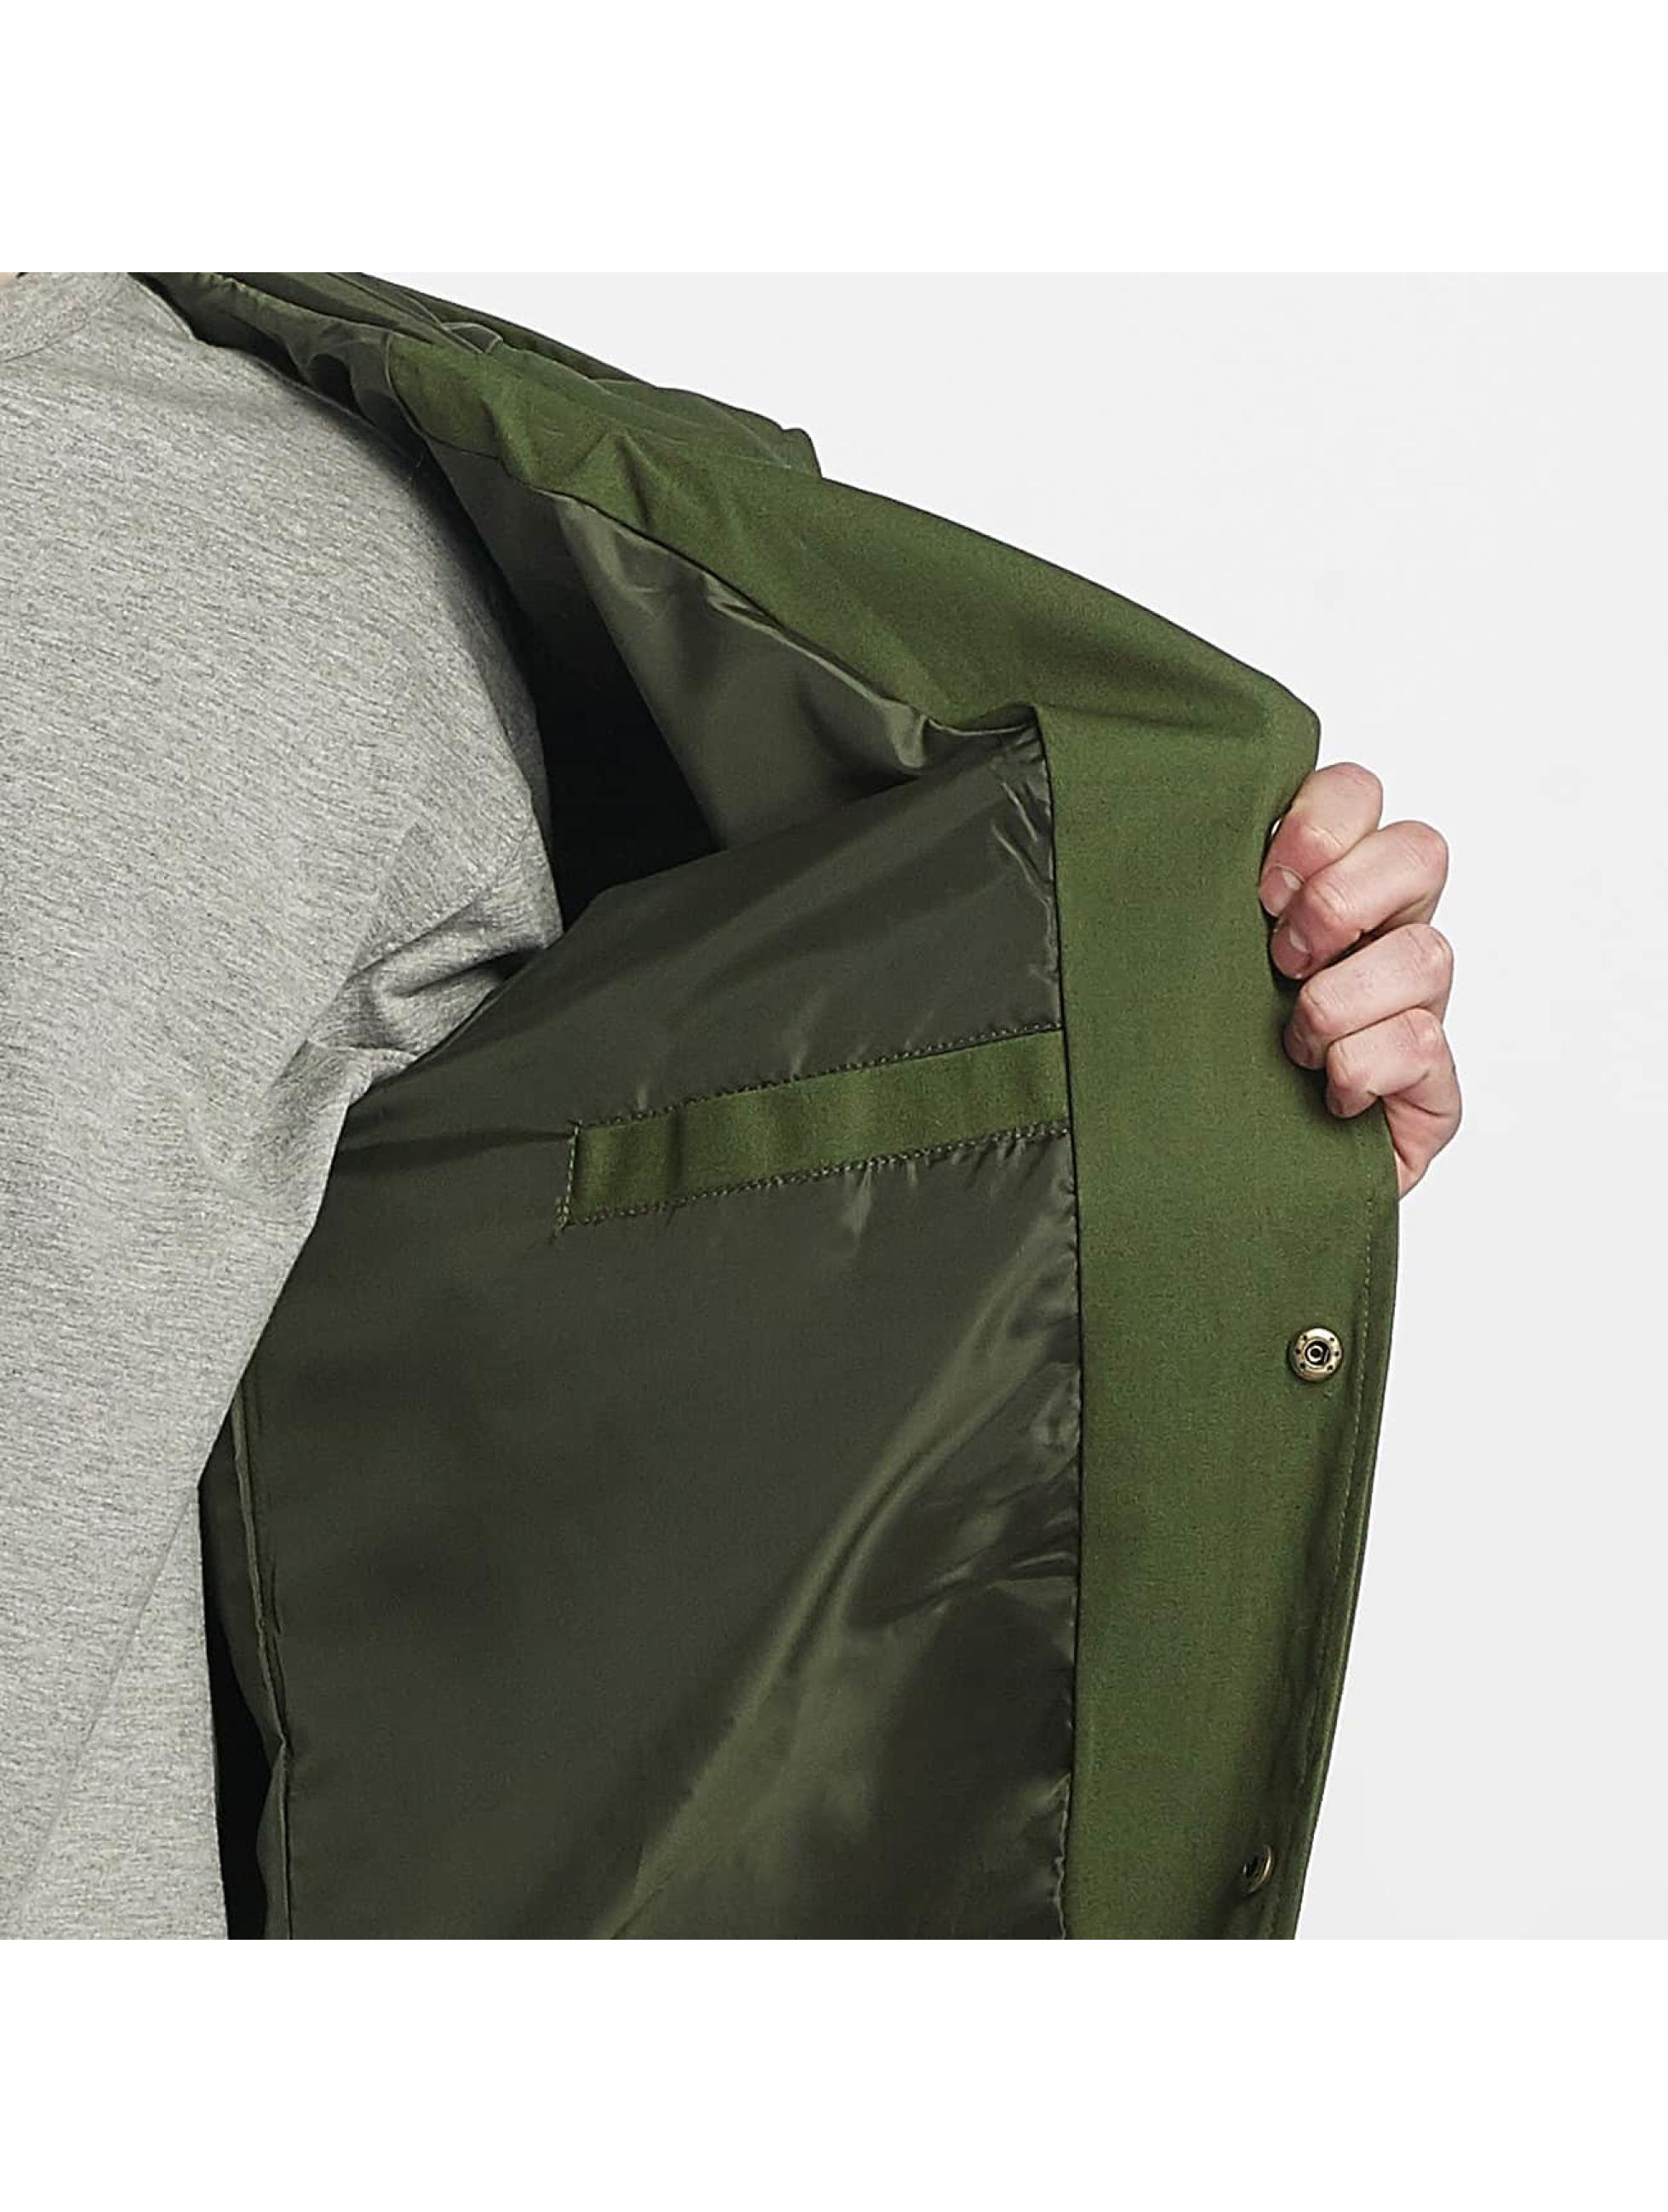 Cyprime Lightweight Jacket Moonstone olive